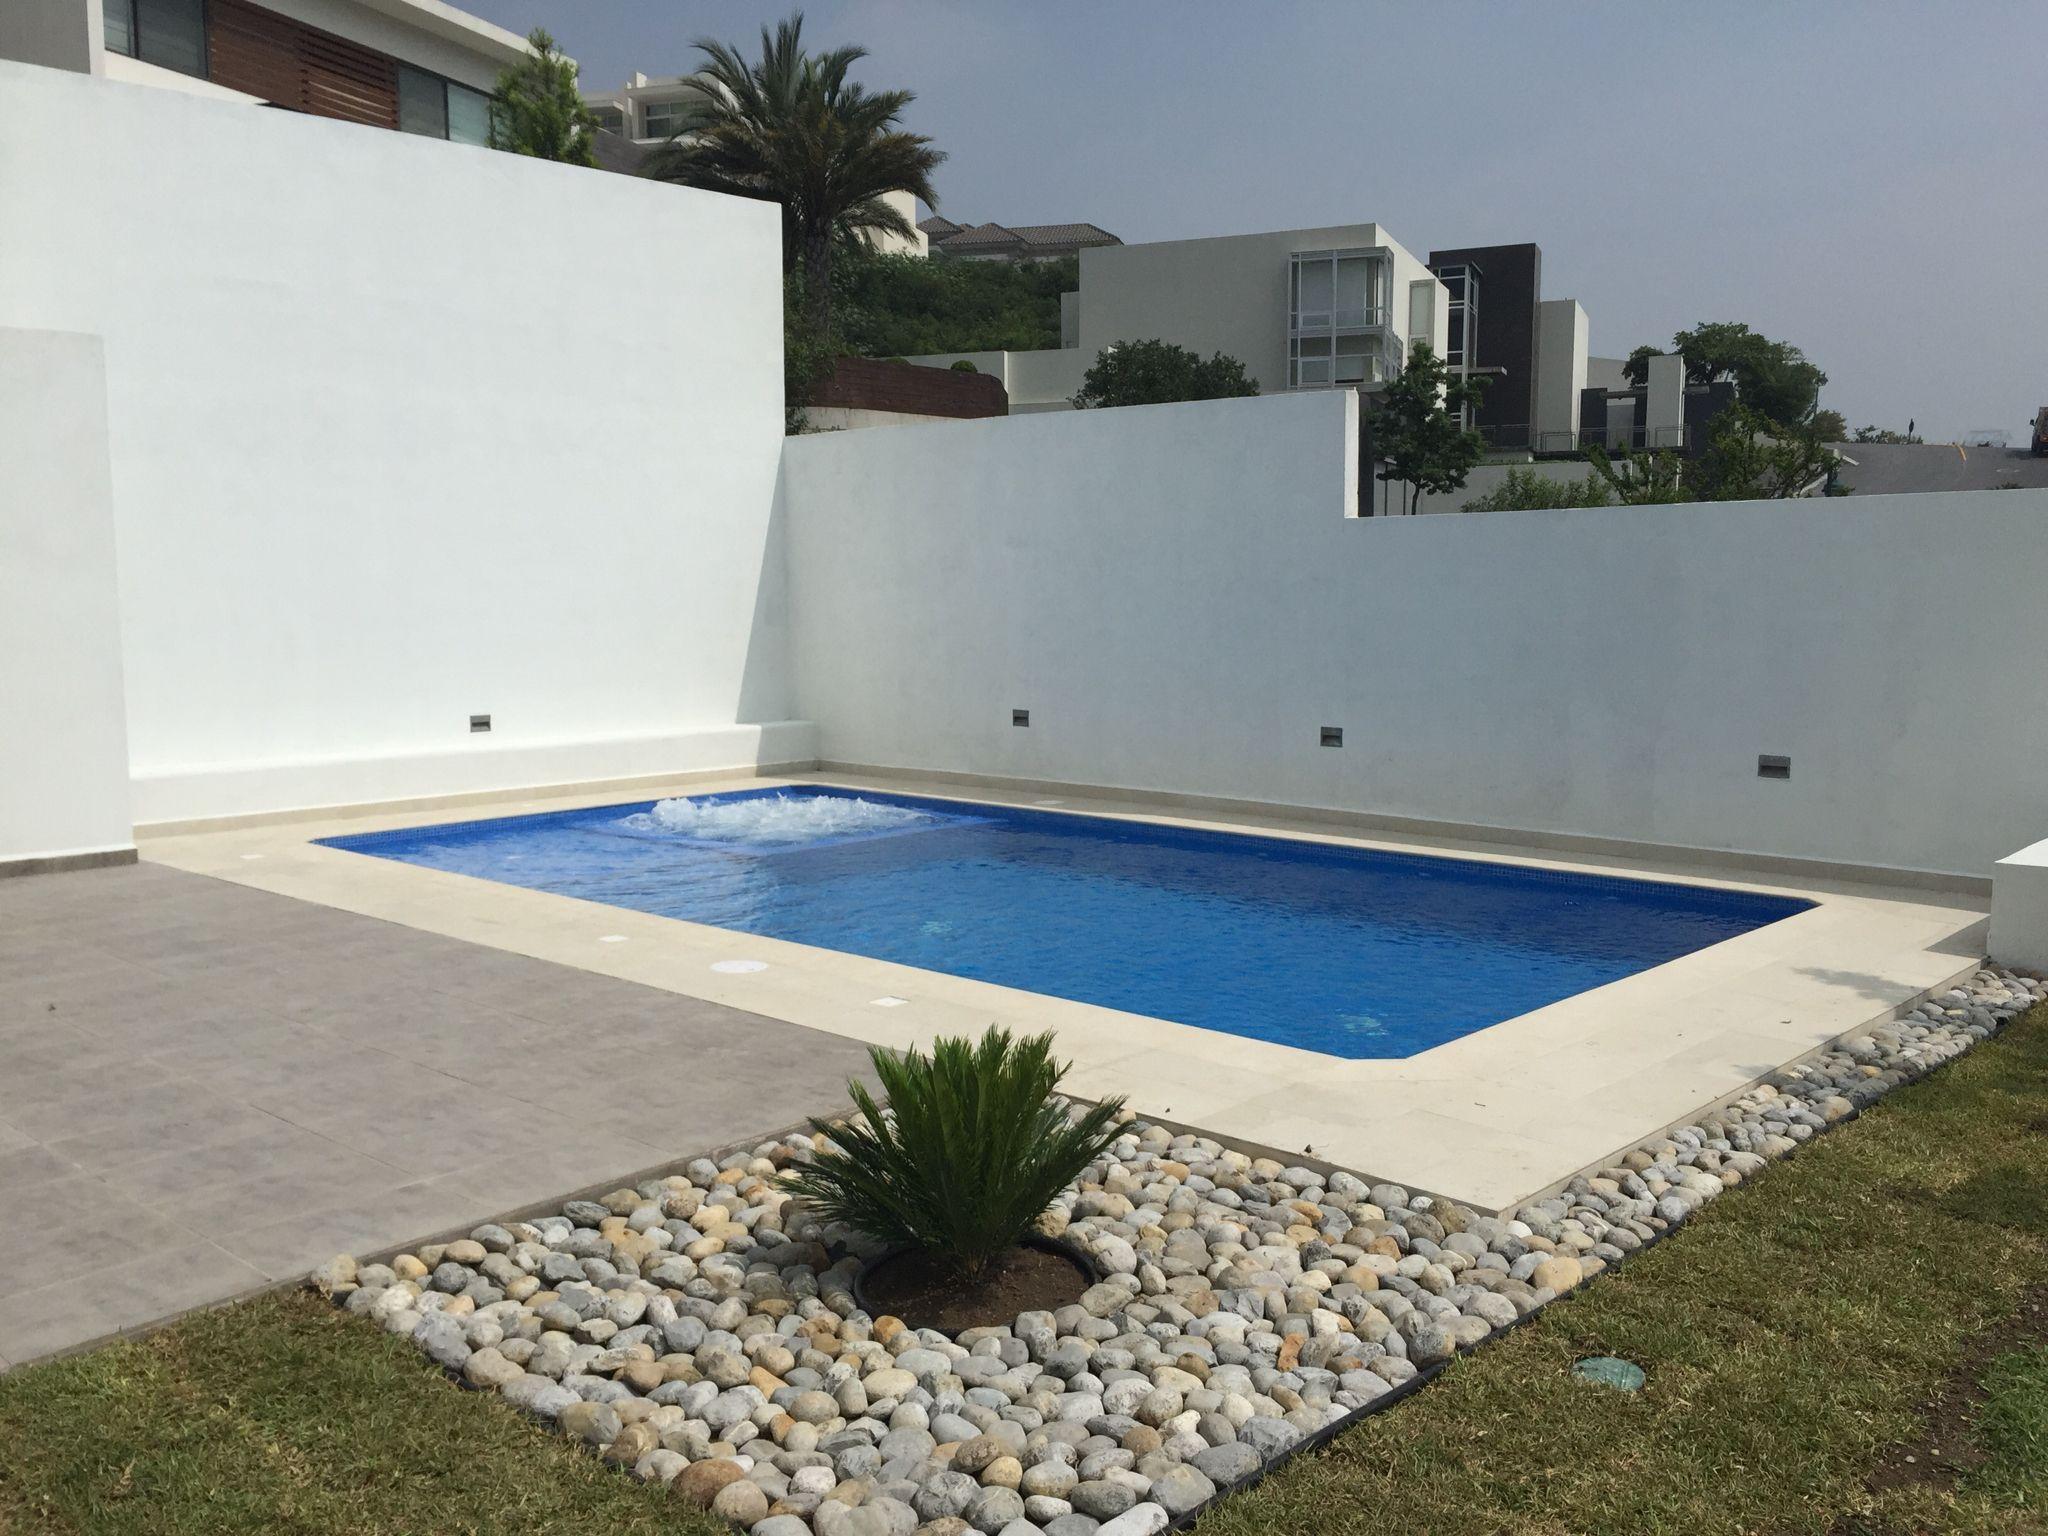 Recreational pool piscina residencial de x mts for Piscina residencial